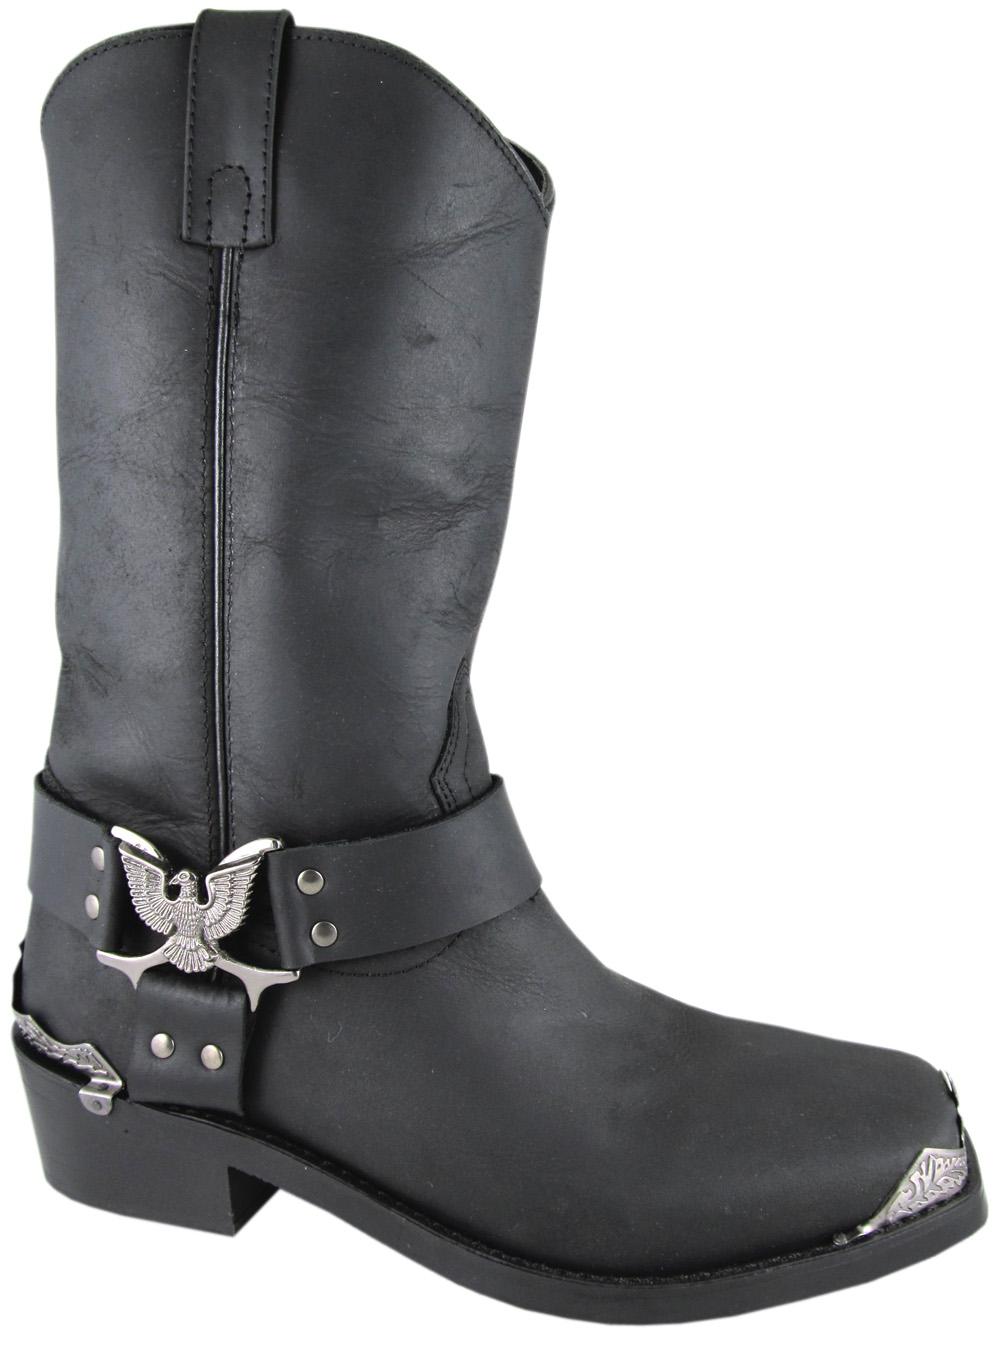 Smoky Mountain Men's Smoky Mountain Miami Leather Harness Riding Boot Black 4602